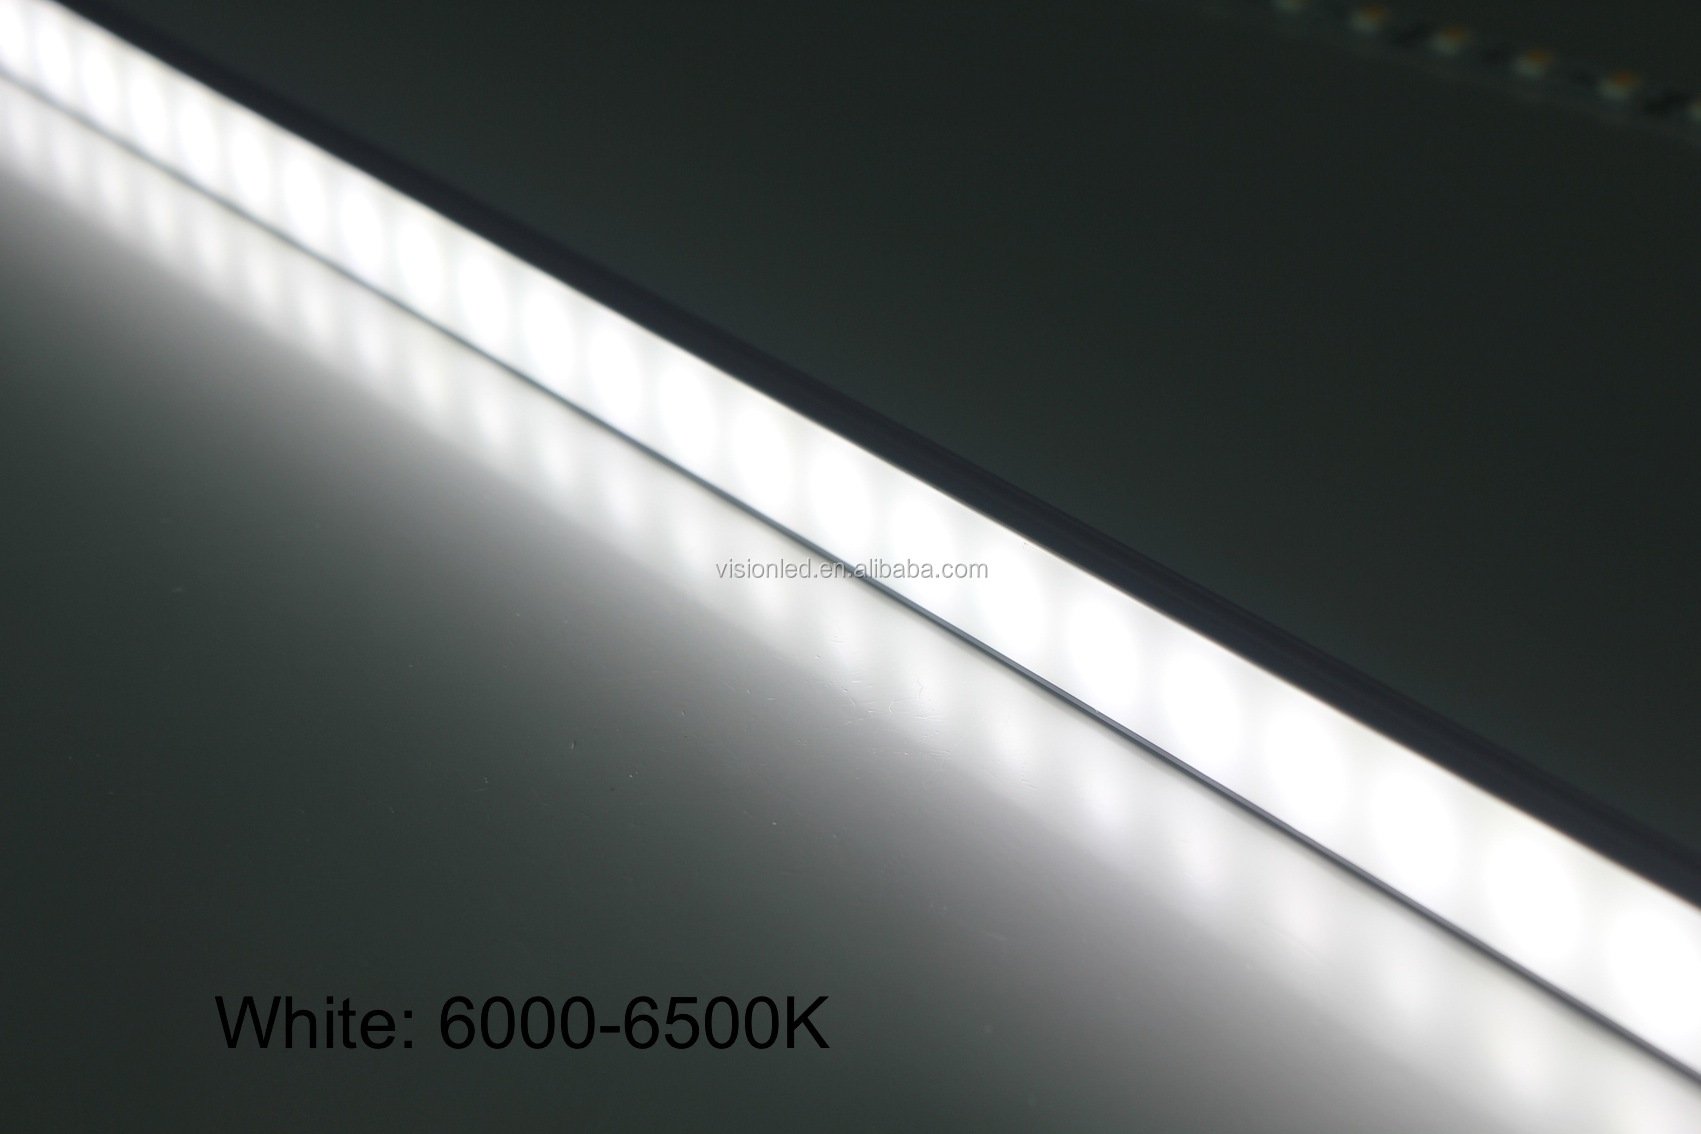 High end under cabinet lighting